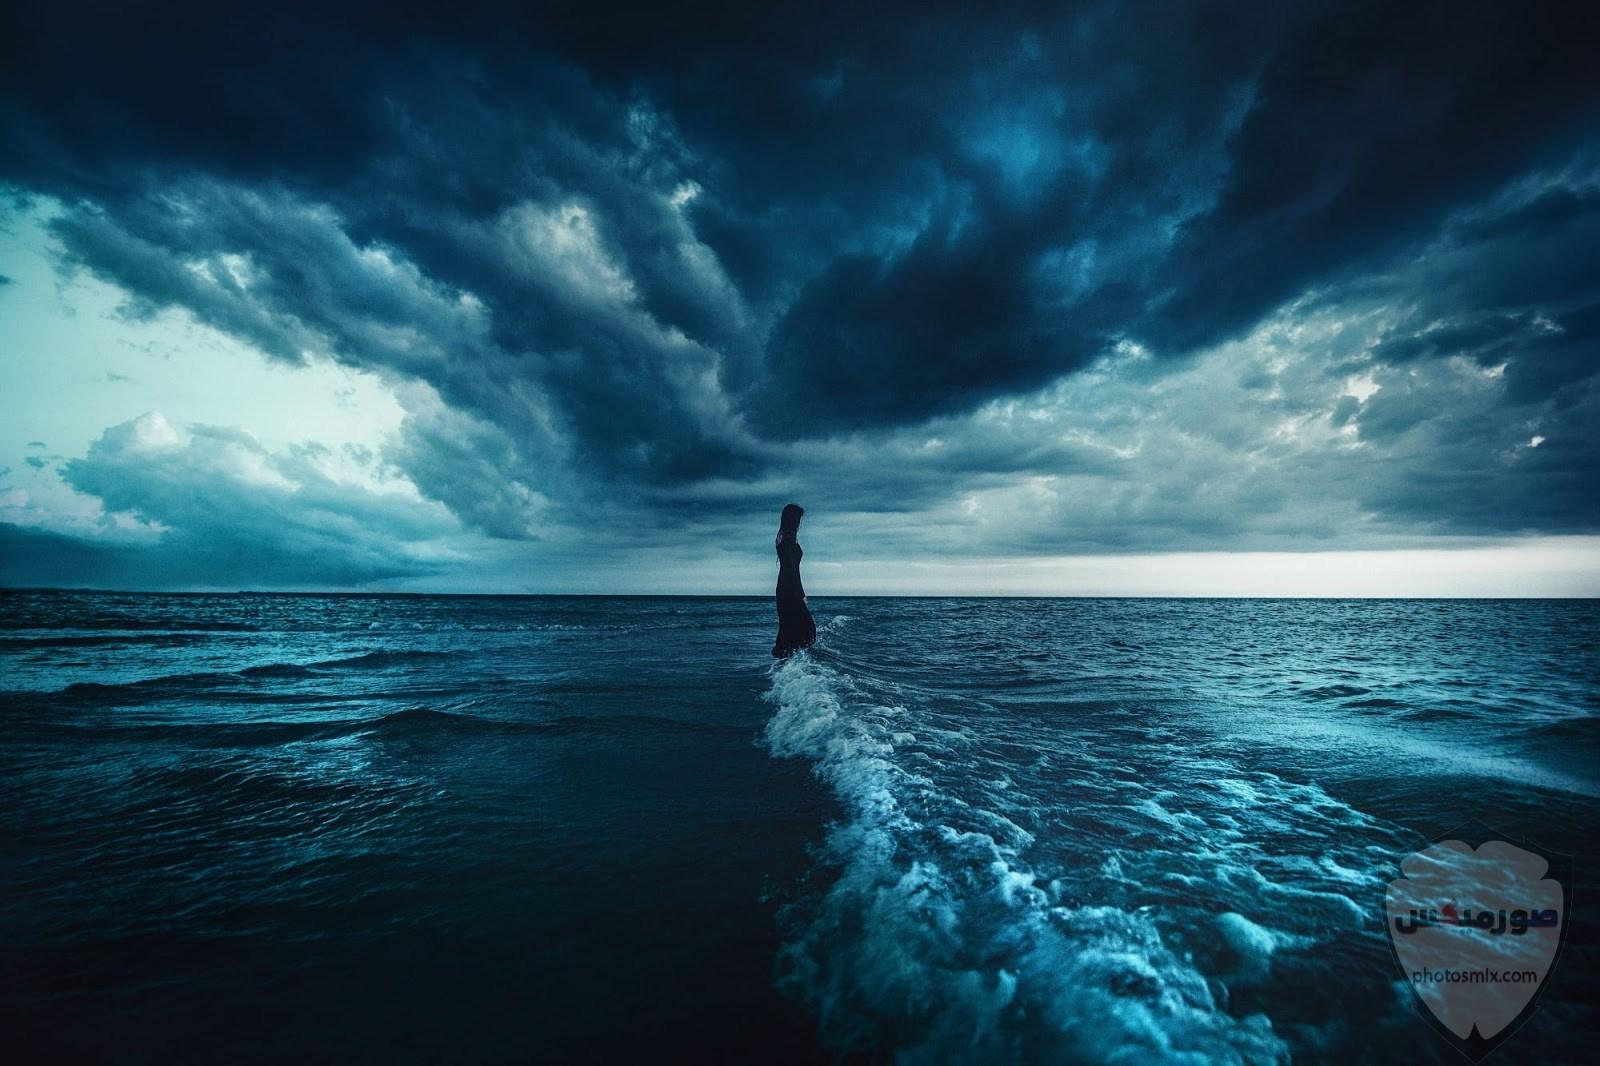 صور البحر 2020 خلفيات بحر وسفن للفوتوشوب 10